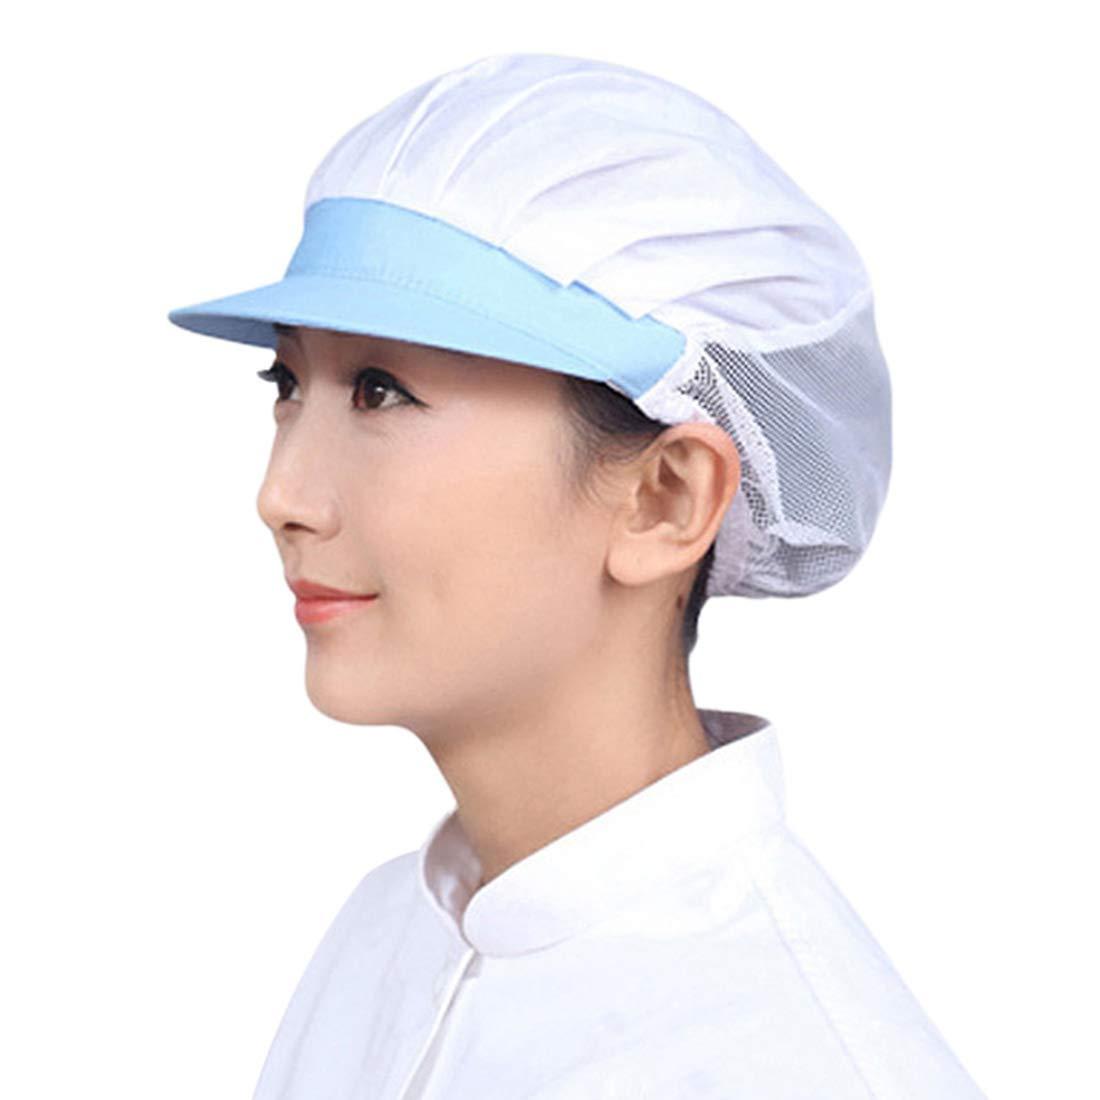 Freahap Gorro de Trabajo Transpirable para Pastel Horneado Chef ...